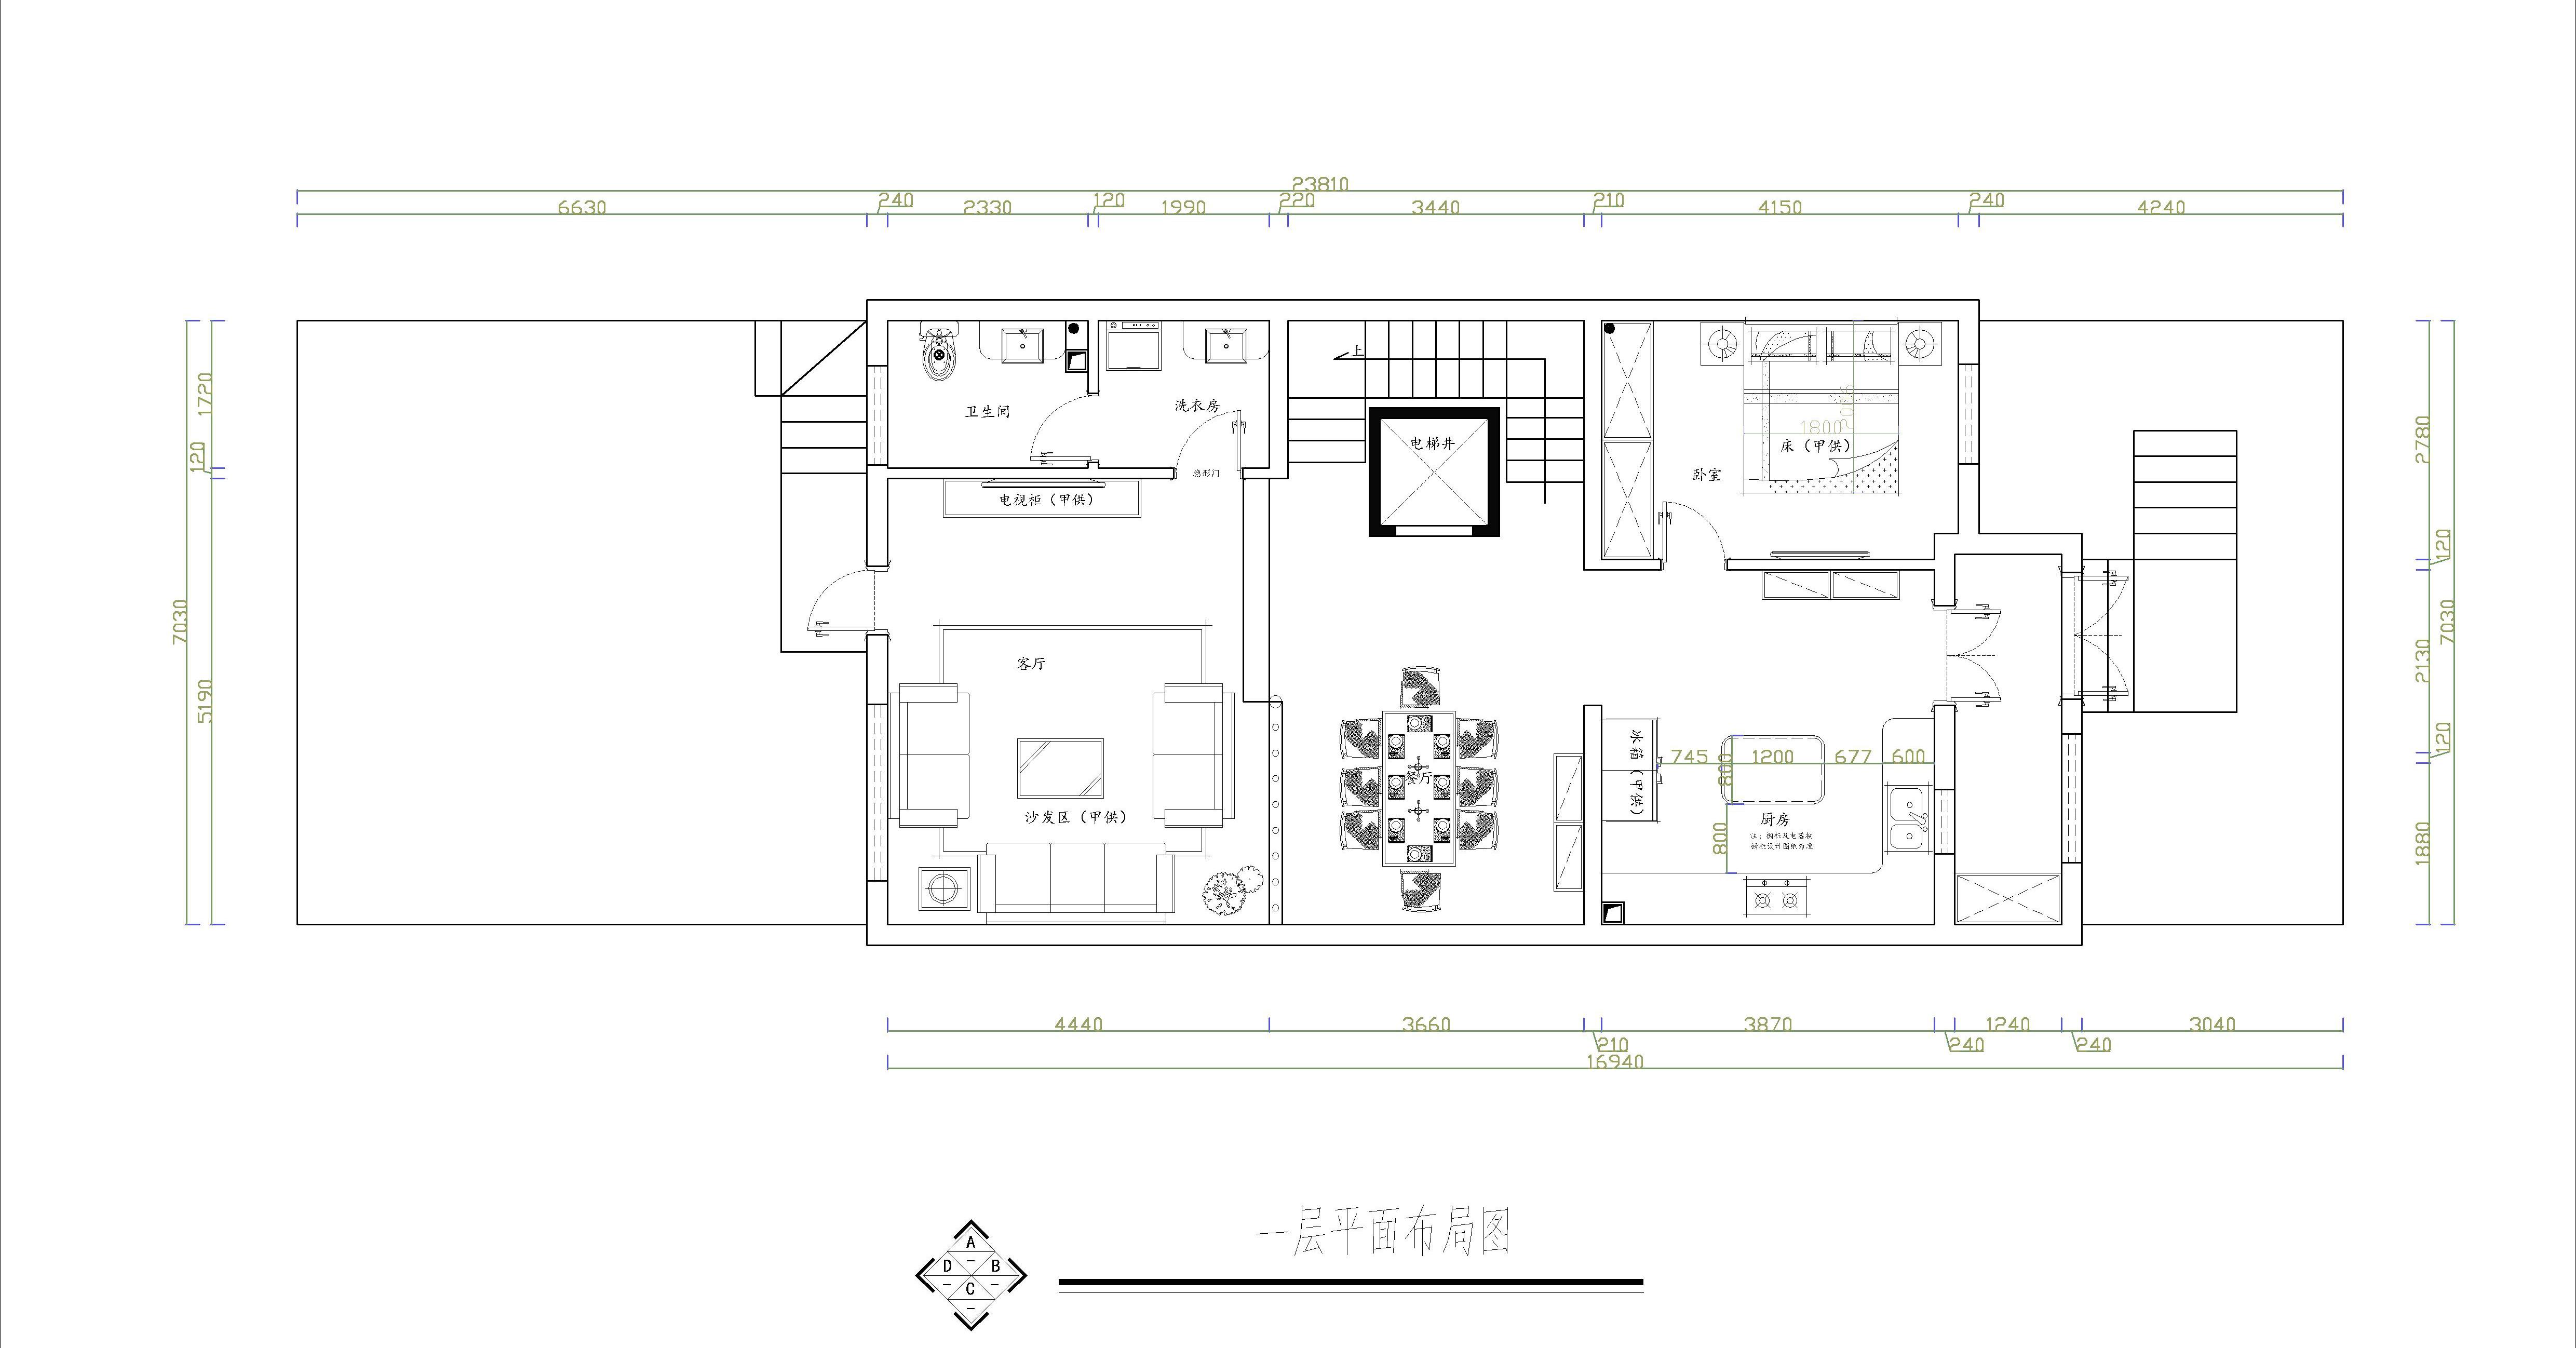 孔雀城凌兰园 简欧 445平米装修设计理念